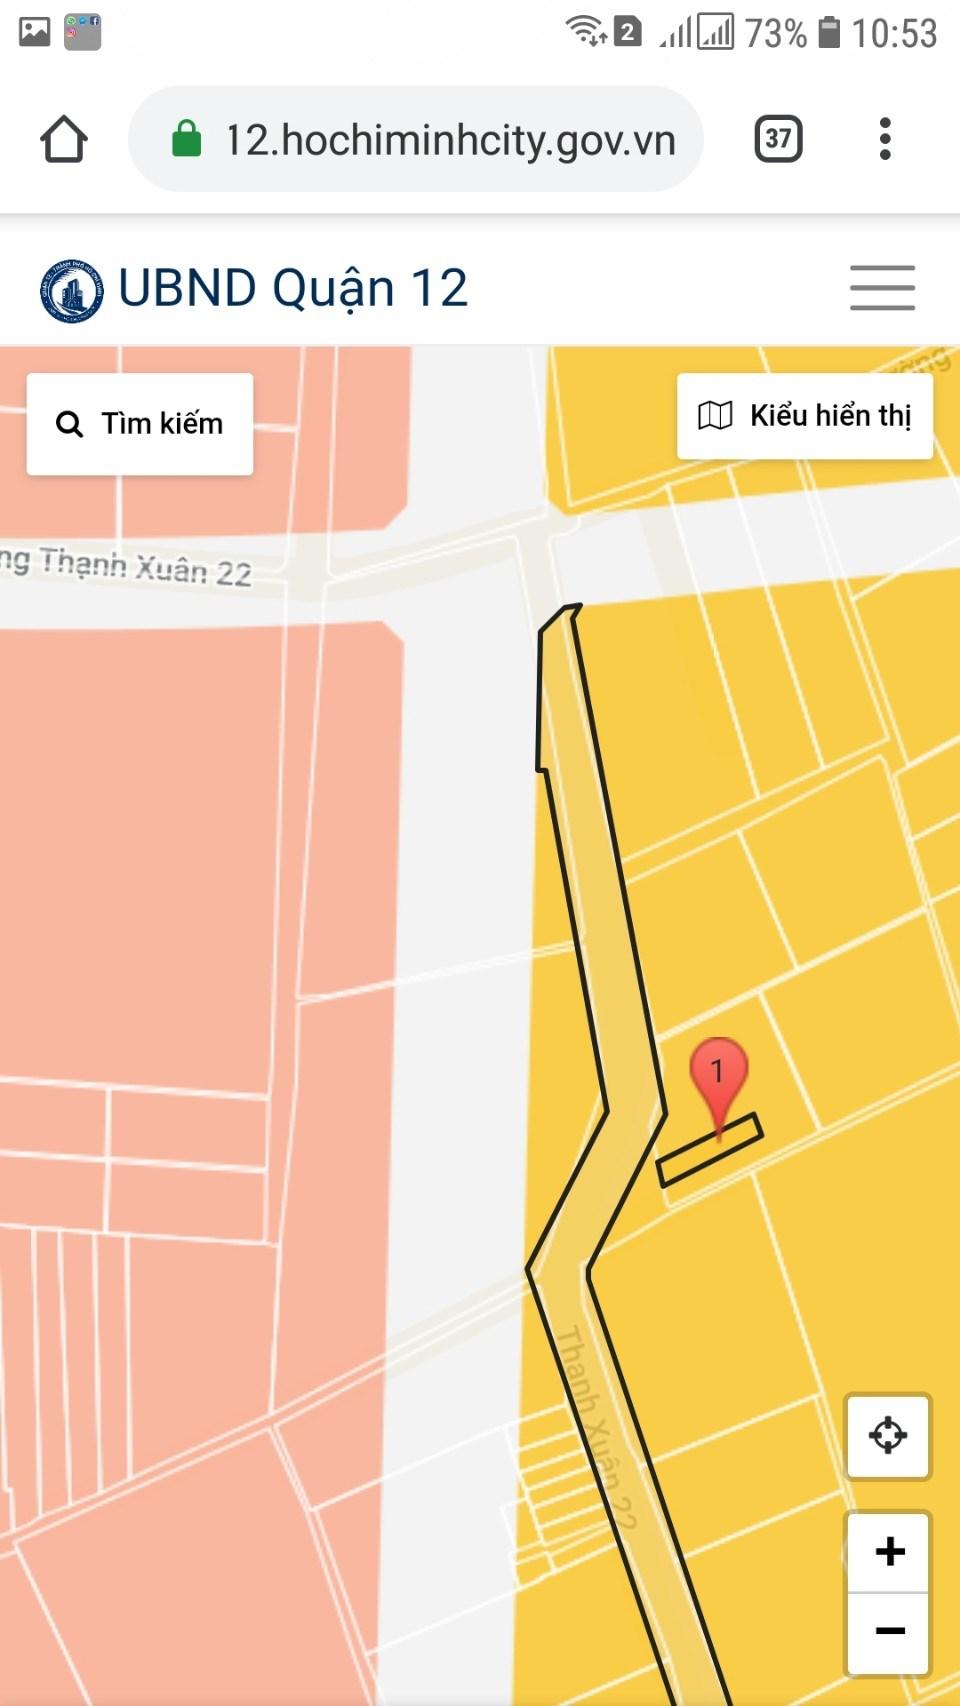 Bán đất mặt tiền Đường Thạnh Xuân 22, Phường Thạnh Xuân, Quận 12 DT: 5x23.5m SHR